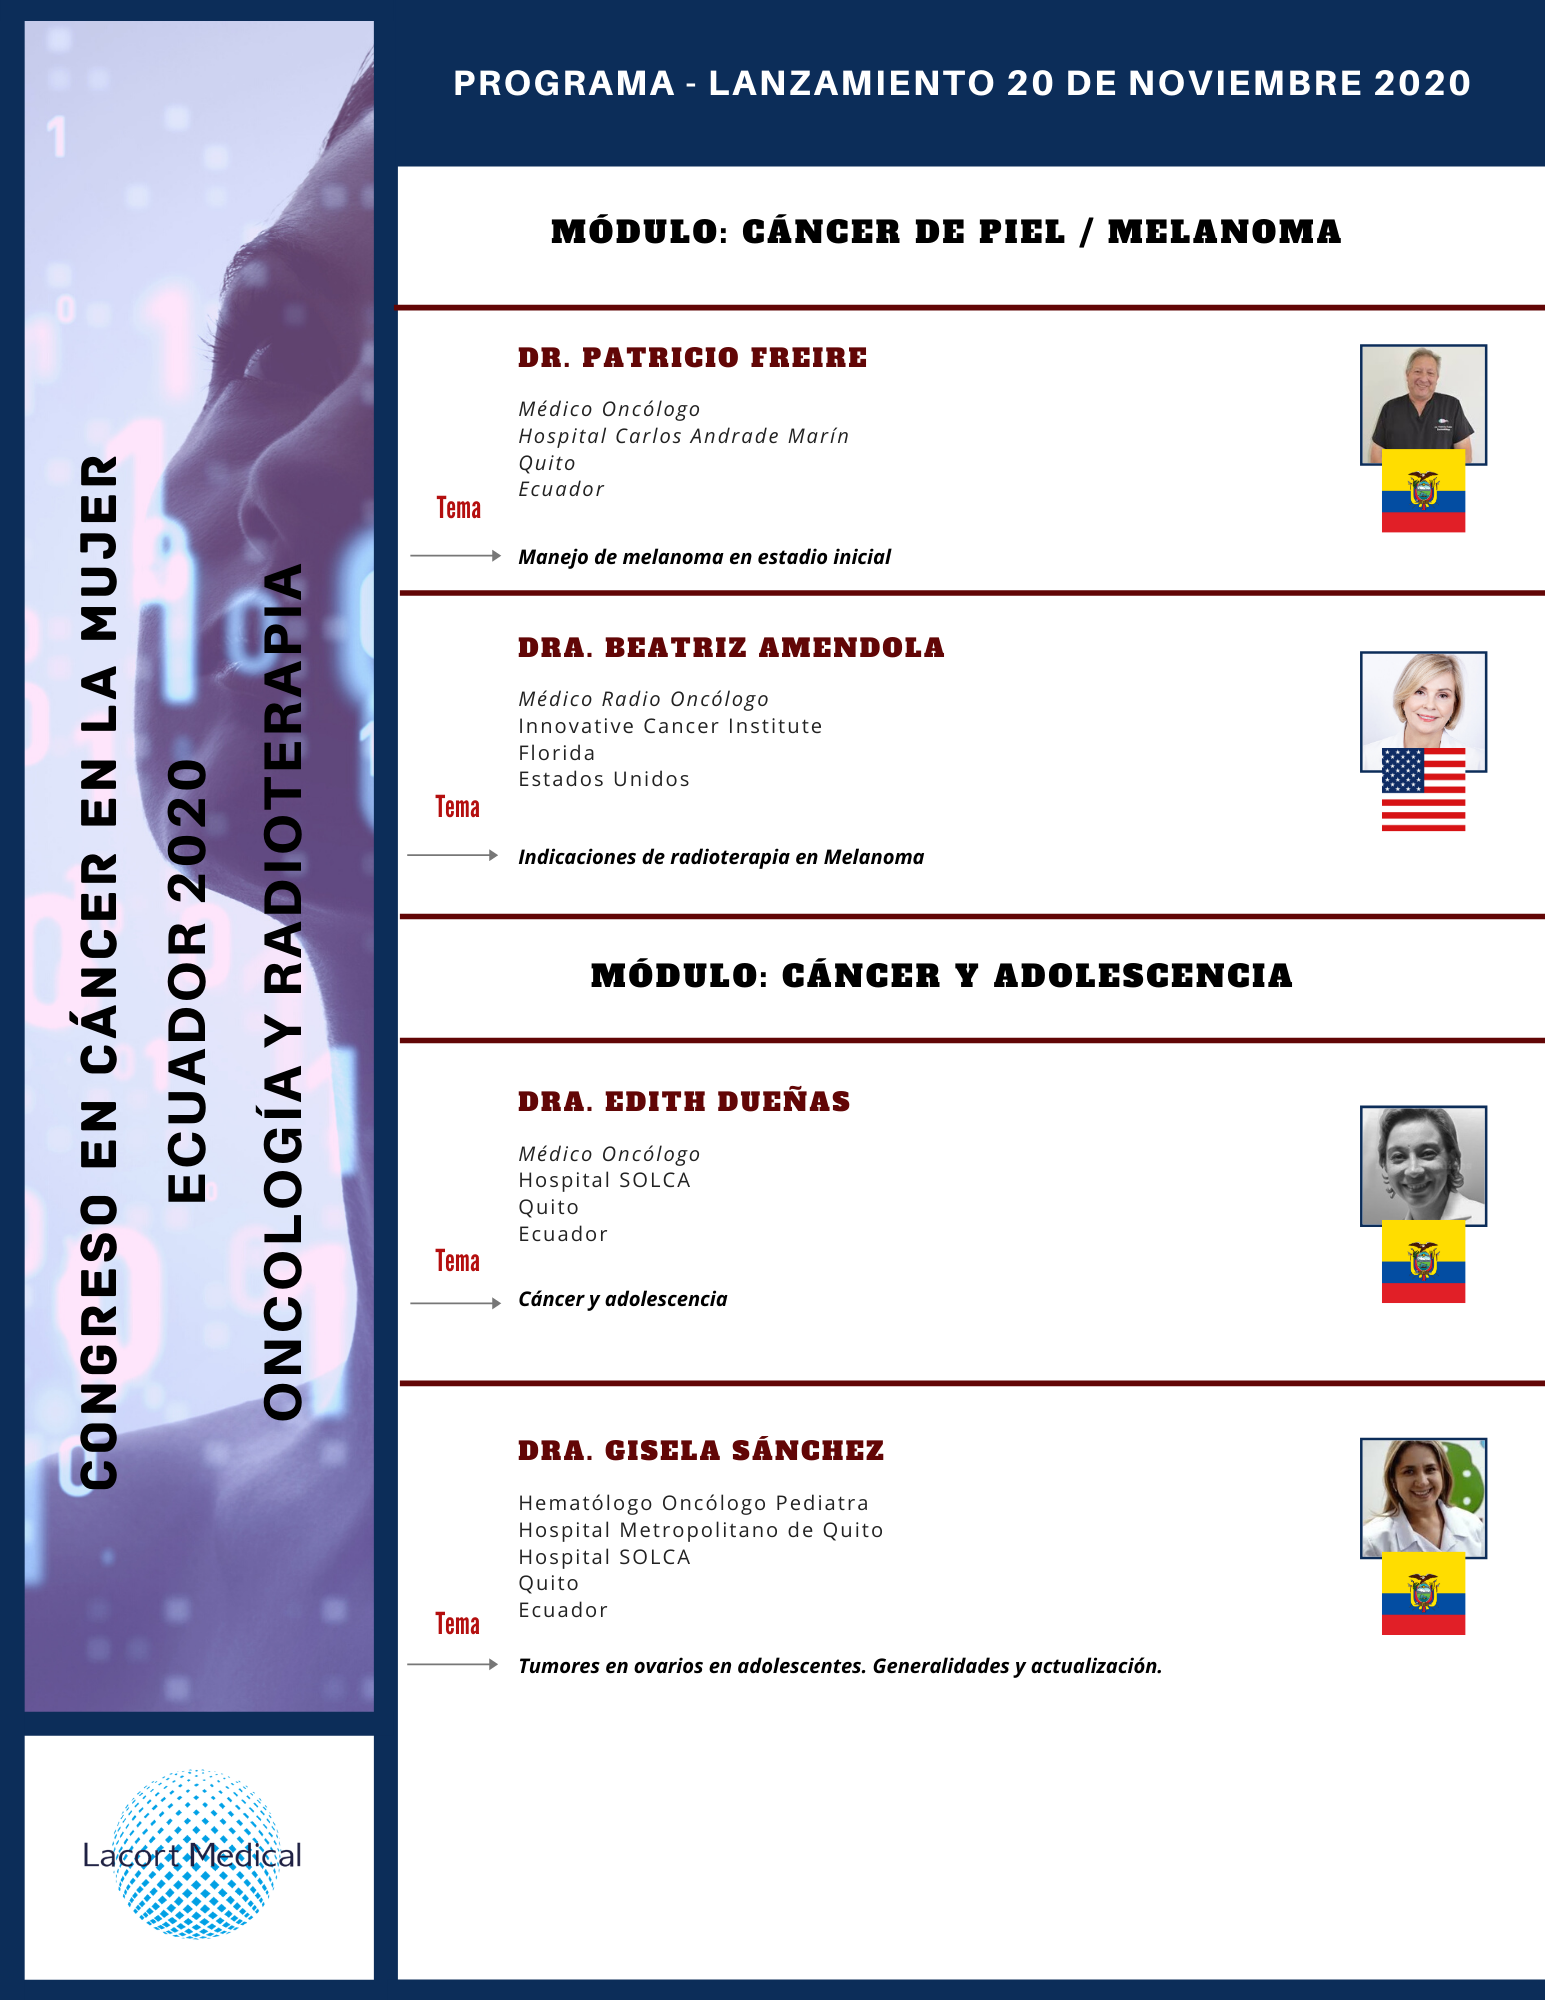 agenda QUITO 2020 (19).png